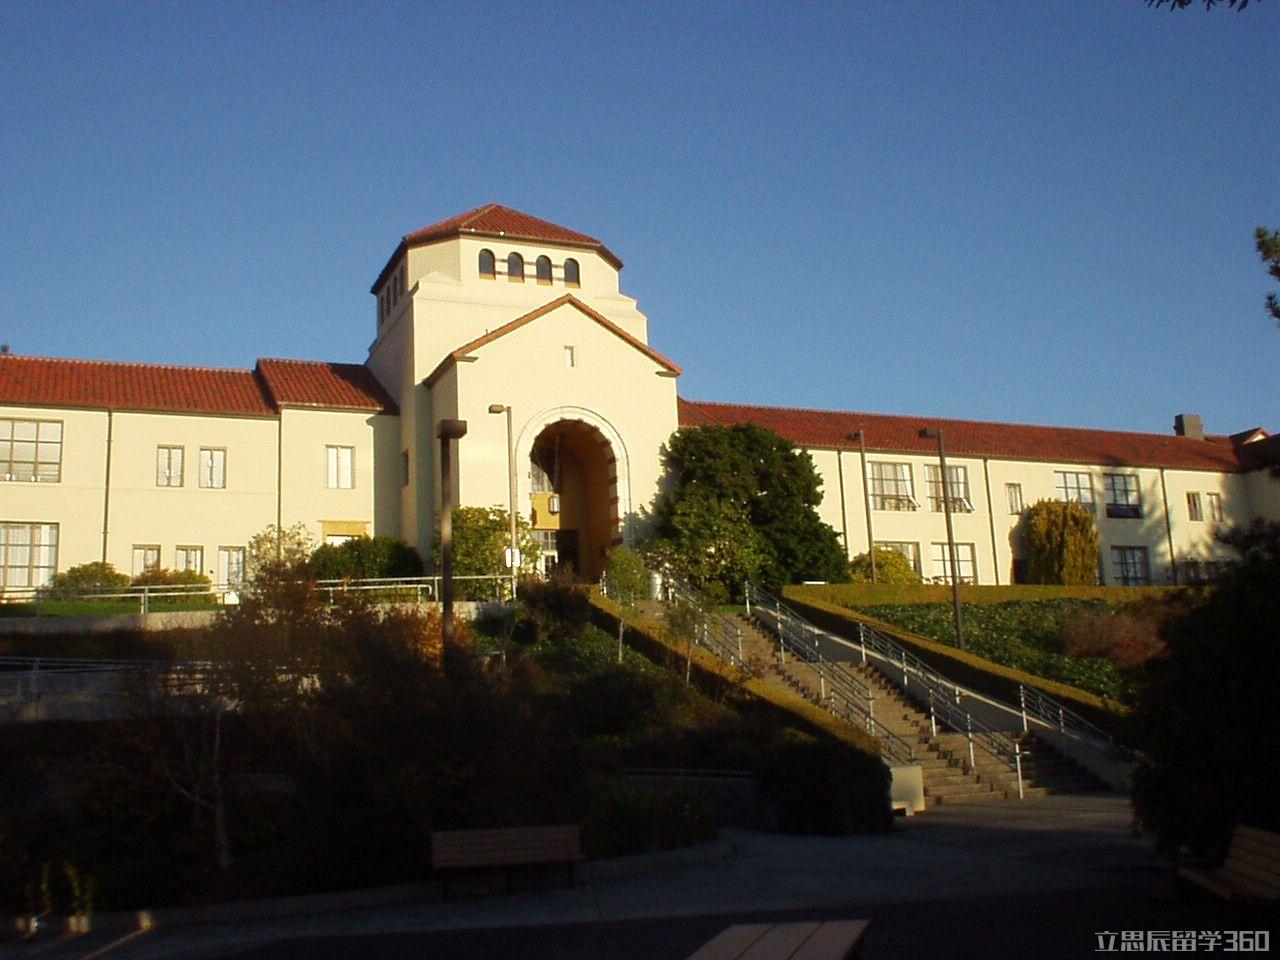 佐治亚理工学院与麻省理工学院(mit)及加州理工学院(caltech或cit)图片